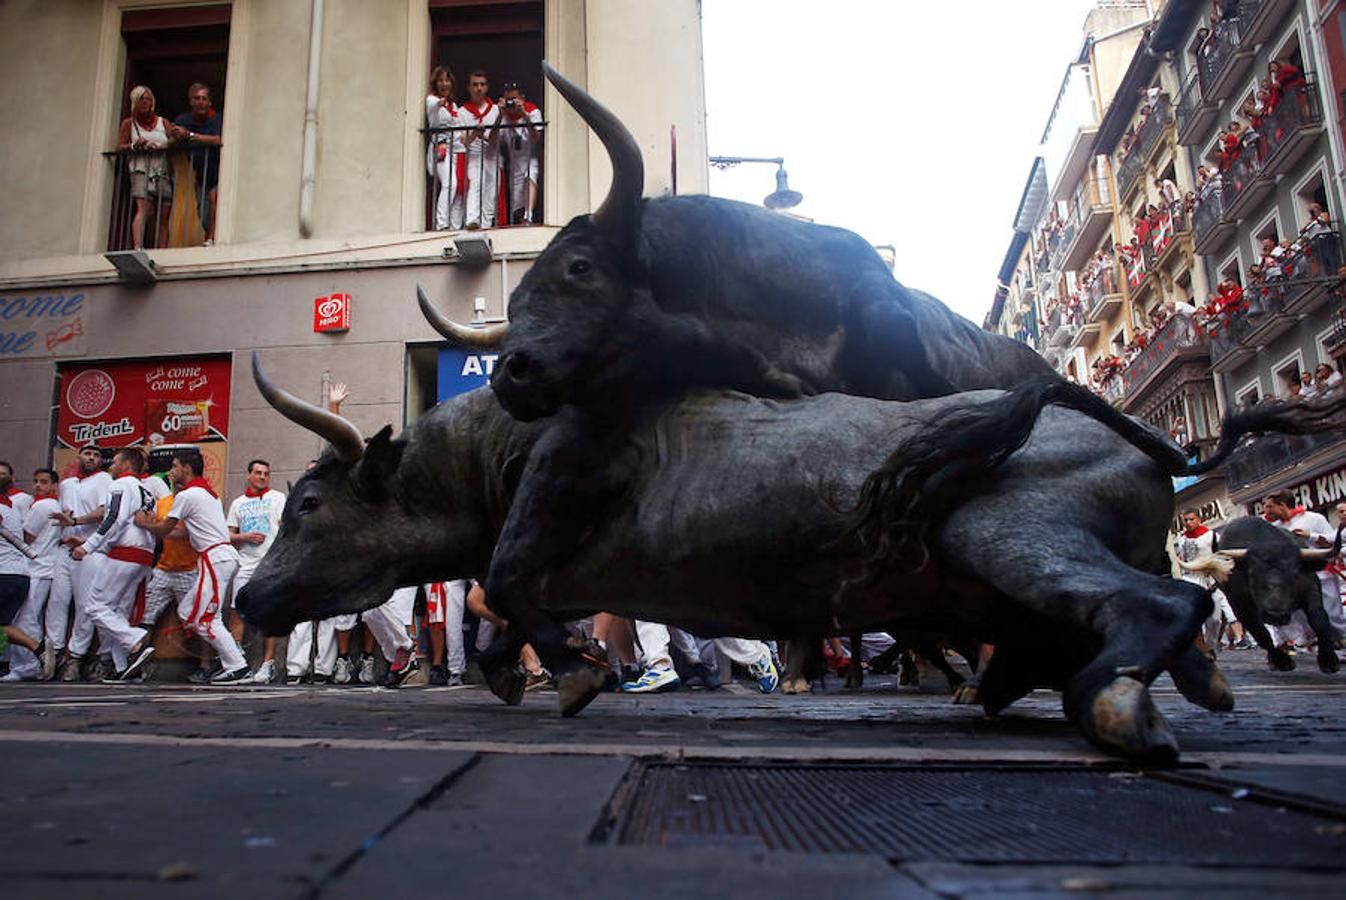 Sanfermines: Las impactantes imágenes que nos deja el tercer día de encierros en Pamplona